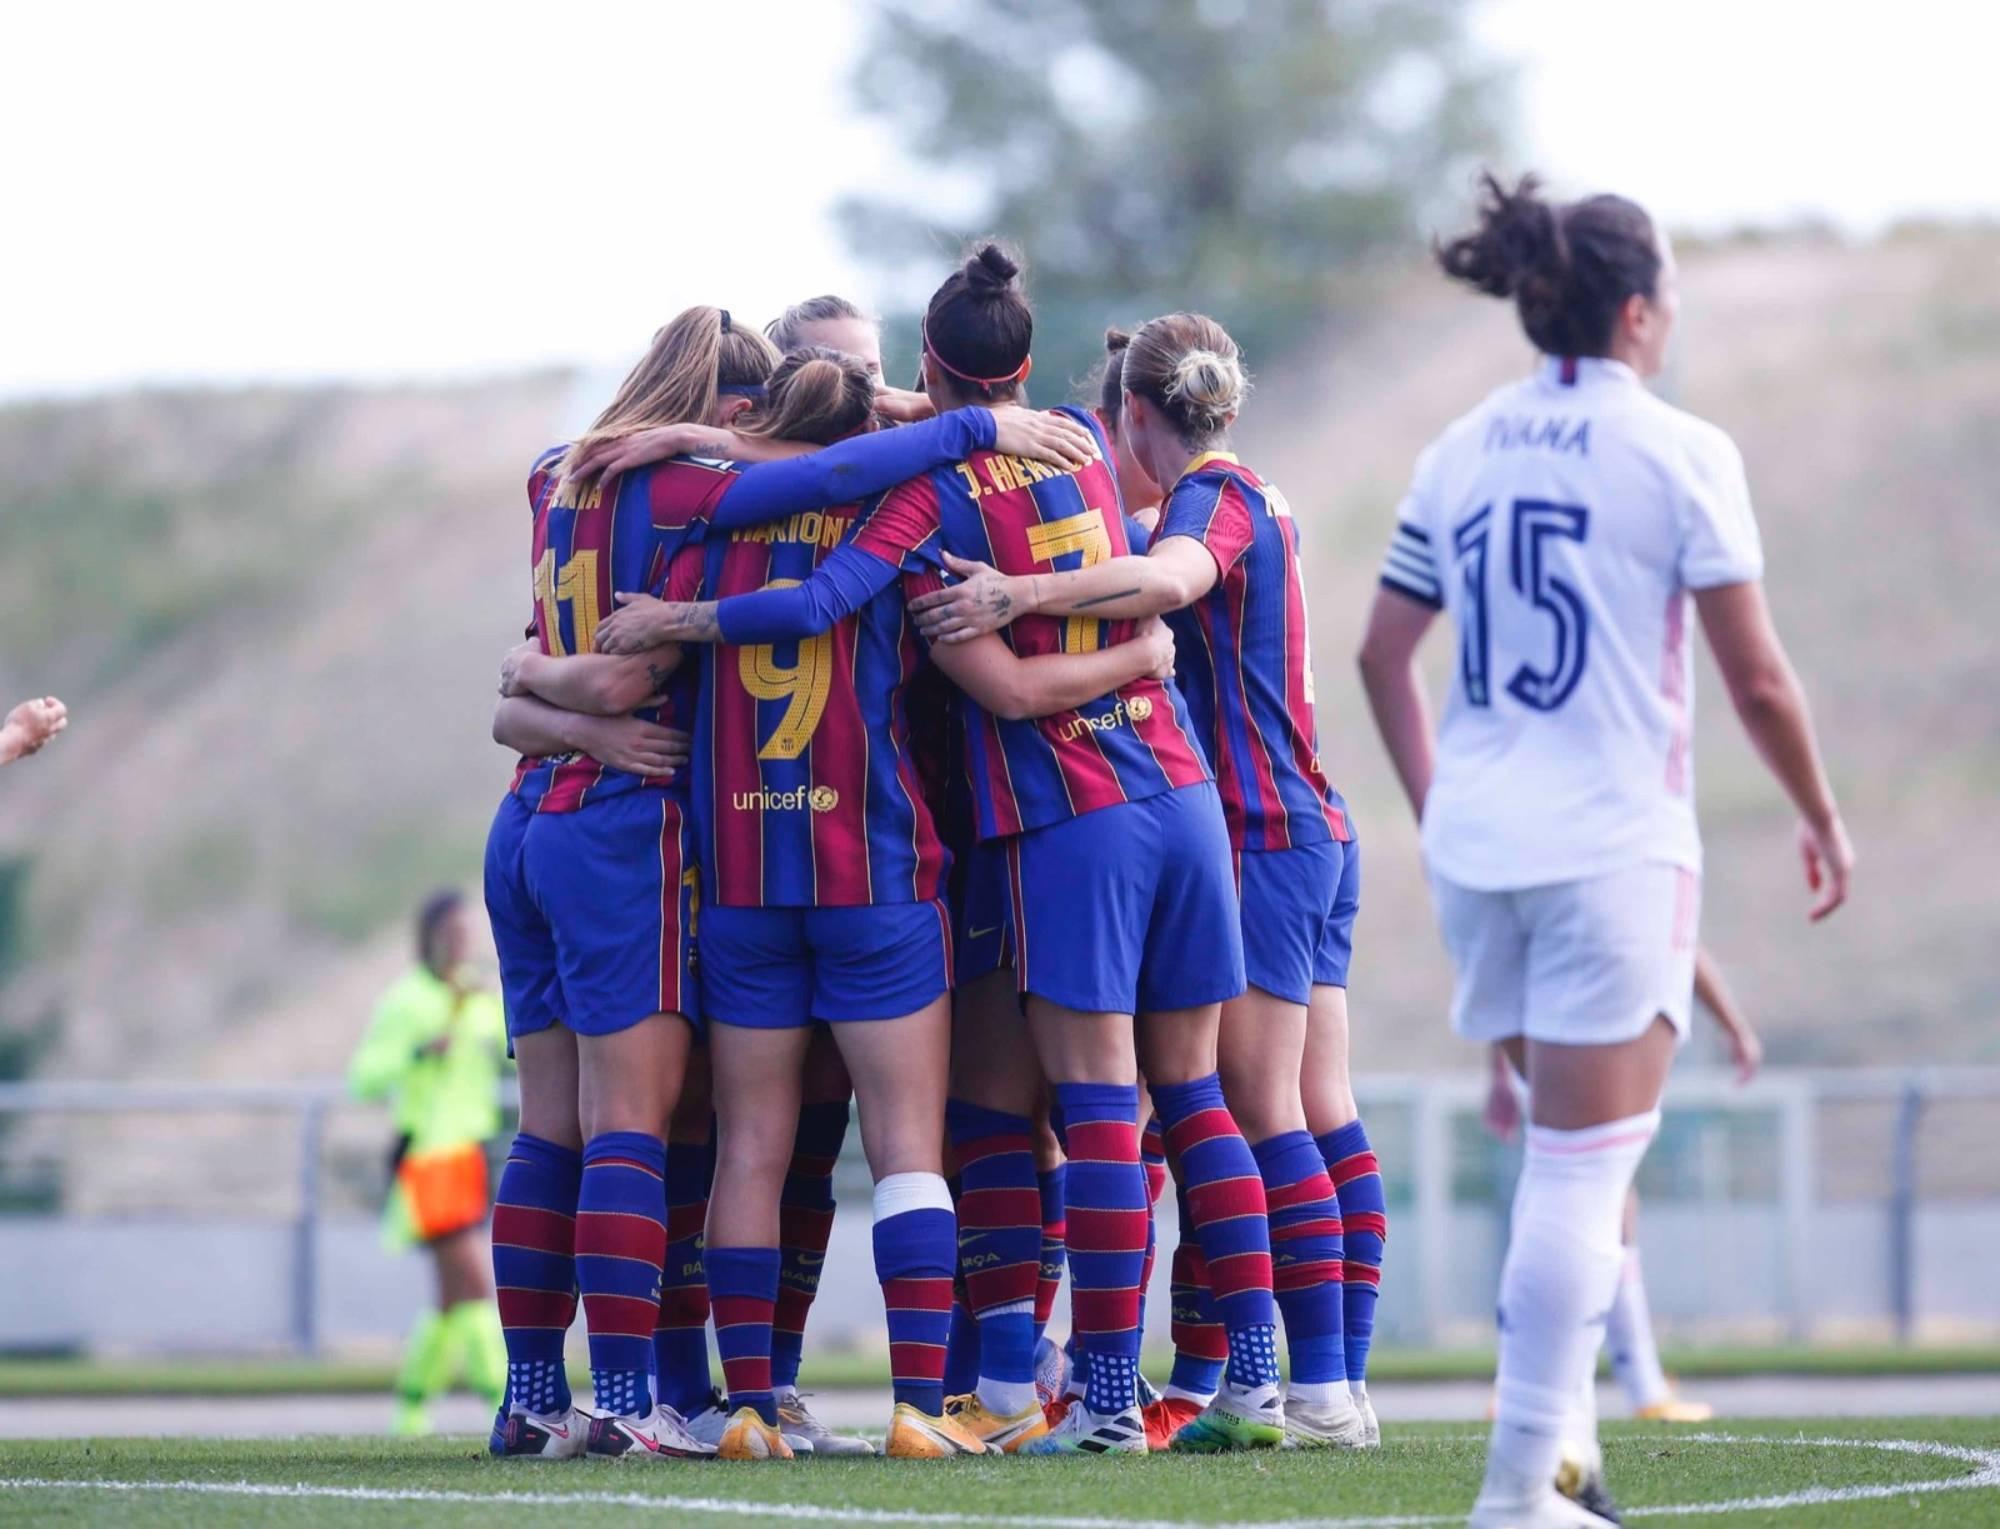 Les futbolistes del Barça celebren un gol contra el Reial Madrid   FC Barcelona